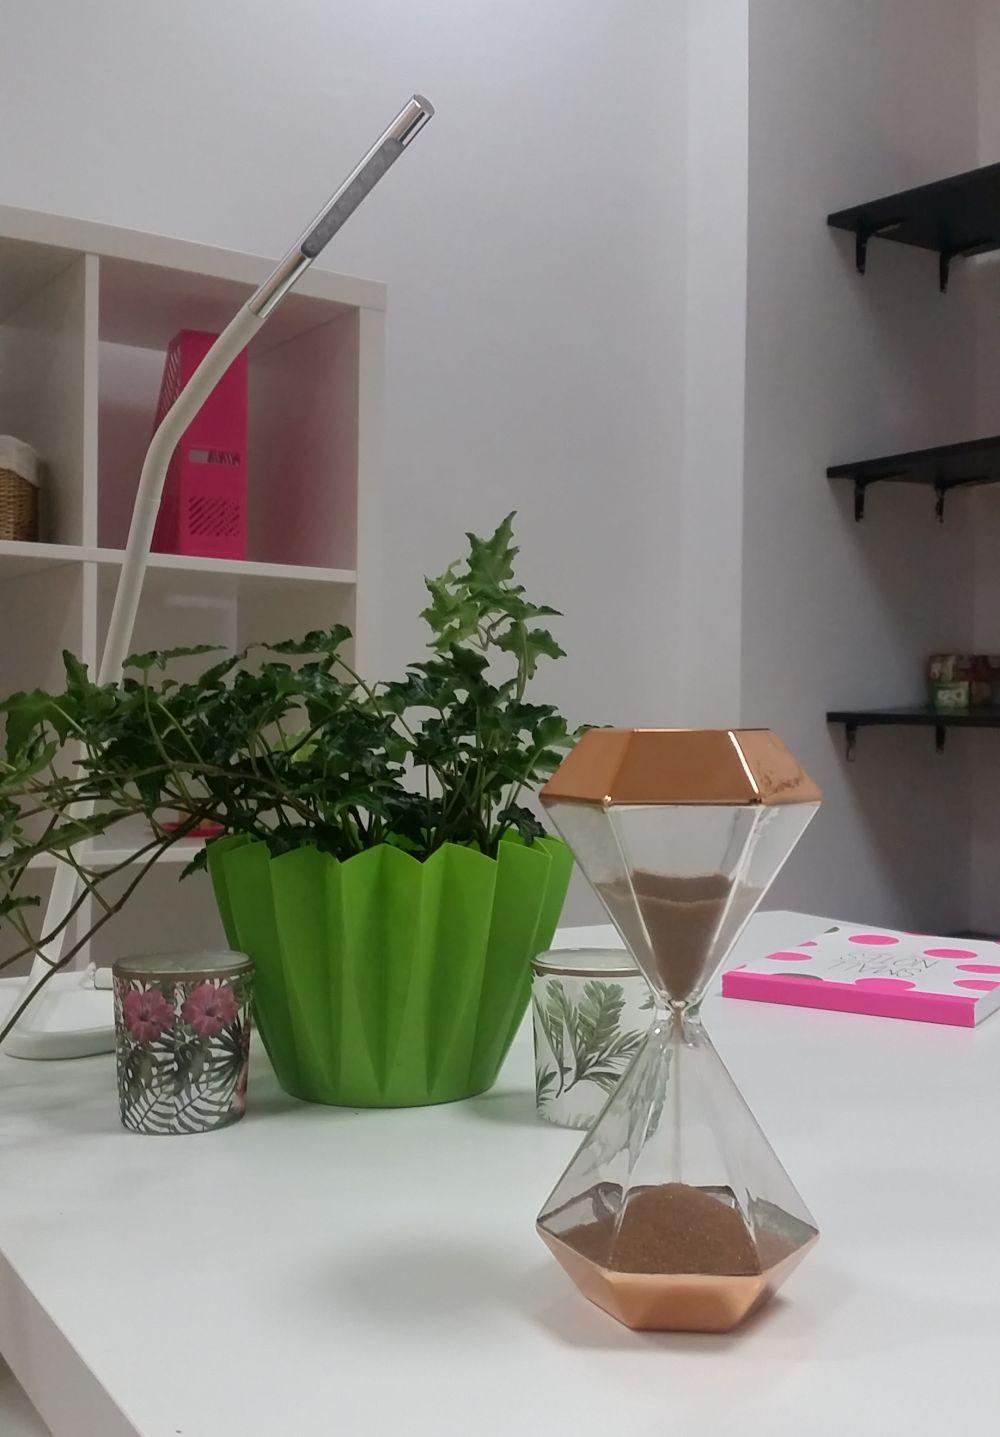 adelaparvu-com-despre-studioul-tily-niculae-14